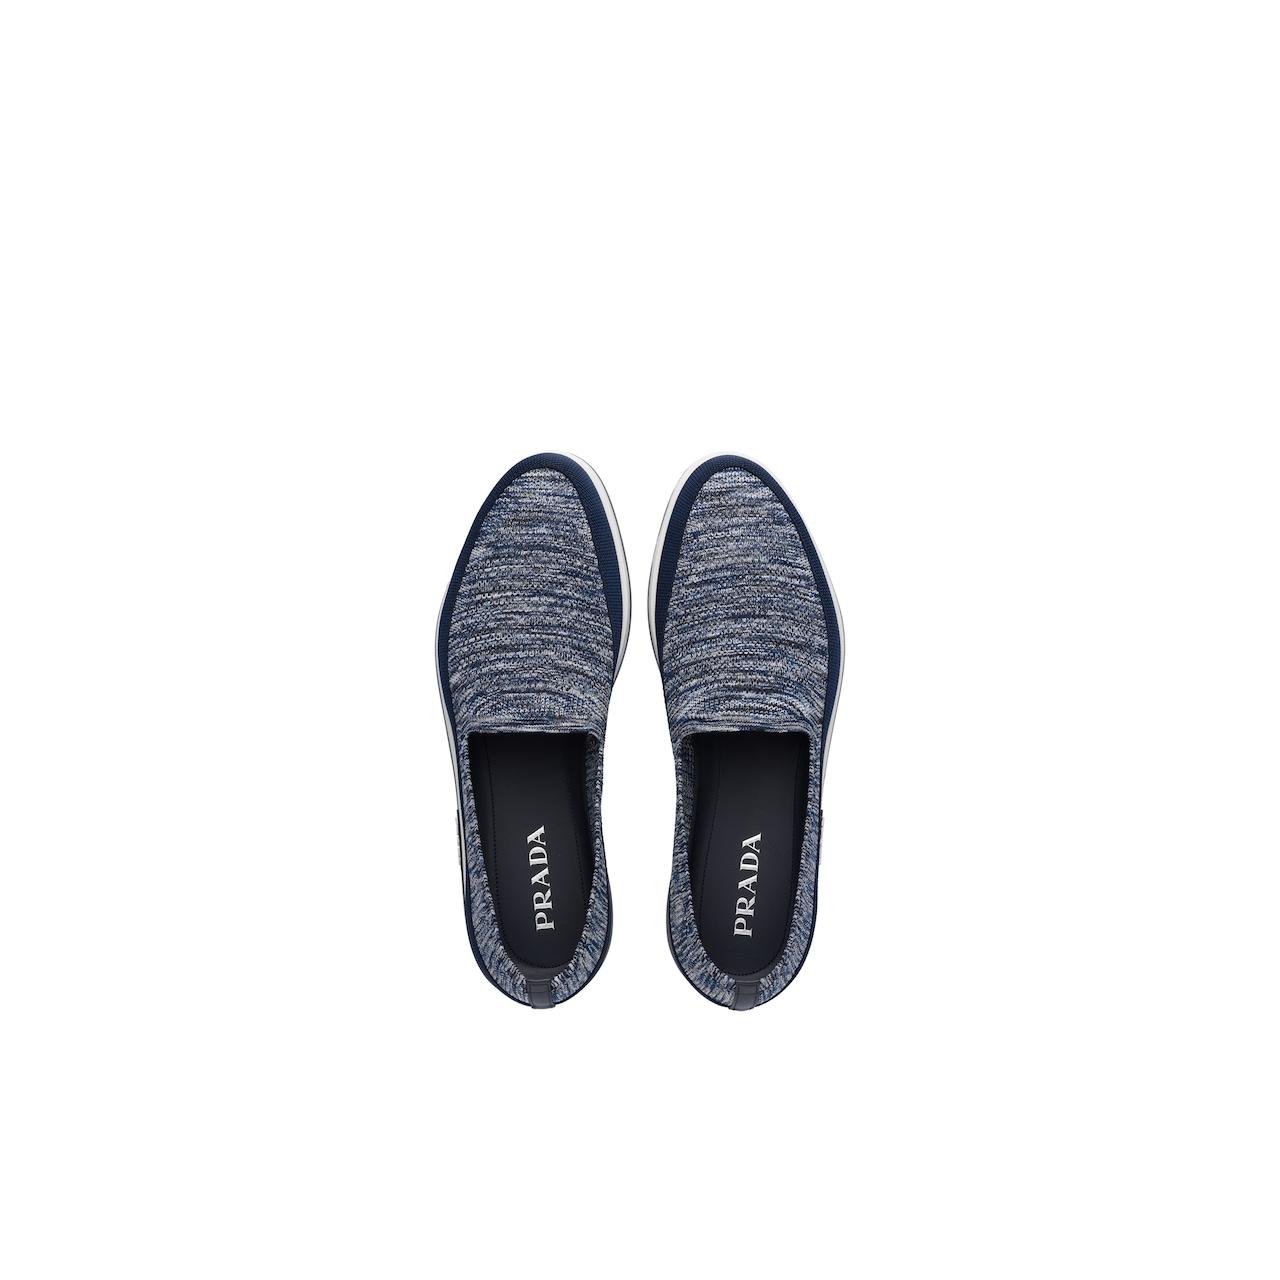 Prada 斜纹针织运动鞋 3